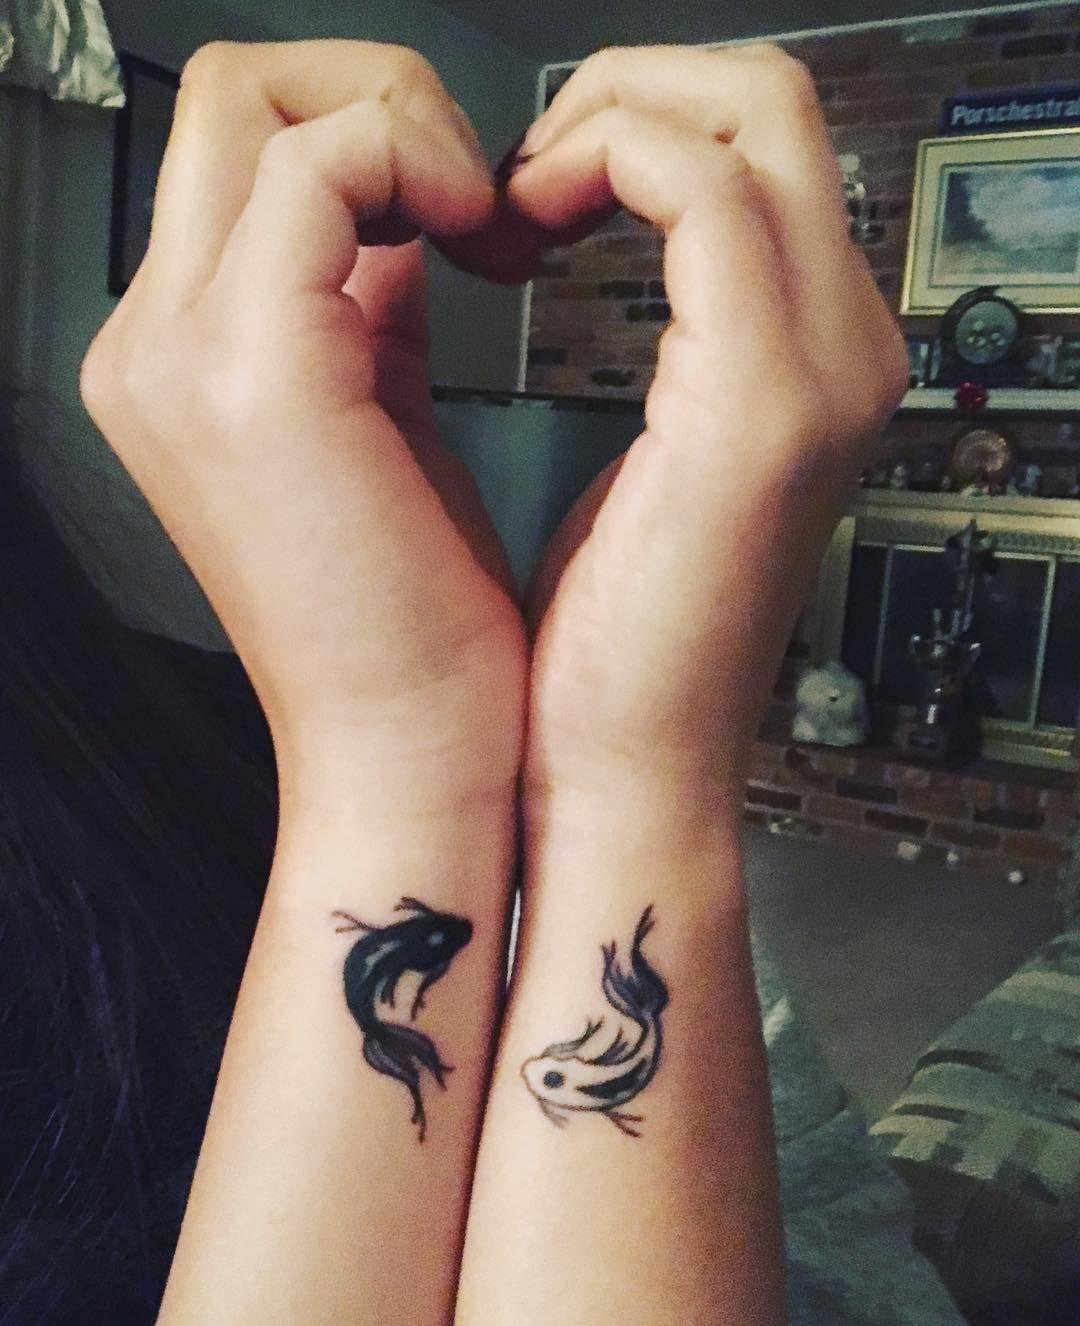 Fish Design: Sister Tattoo Ideas | Tattoo | Pinterest | Fish design ...